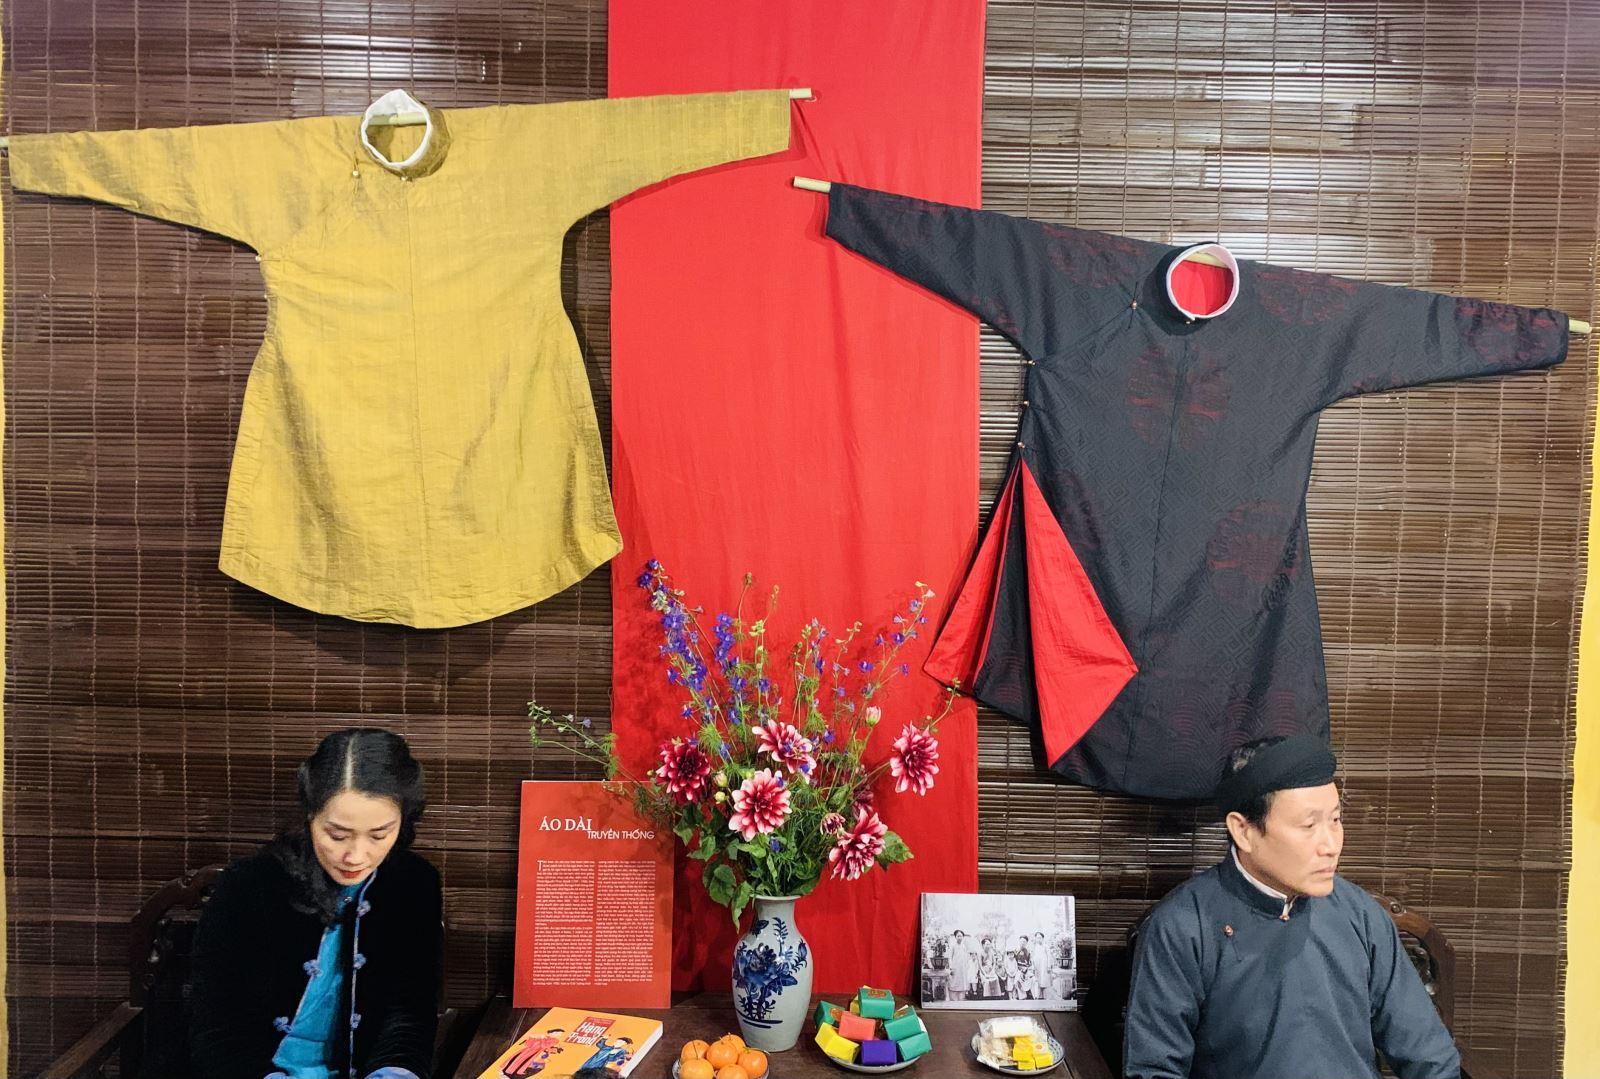 Mẫu áo dài Ngũ thân tay chẽn chuẩn truyền thống được trưng bày để công chúng tìm hiểu về áo dài truyền thống.